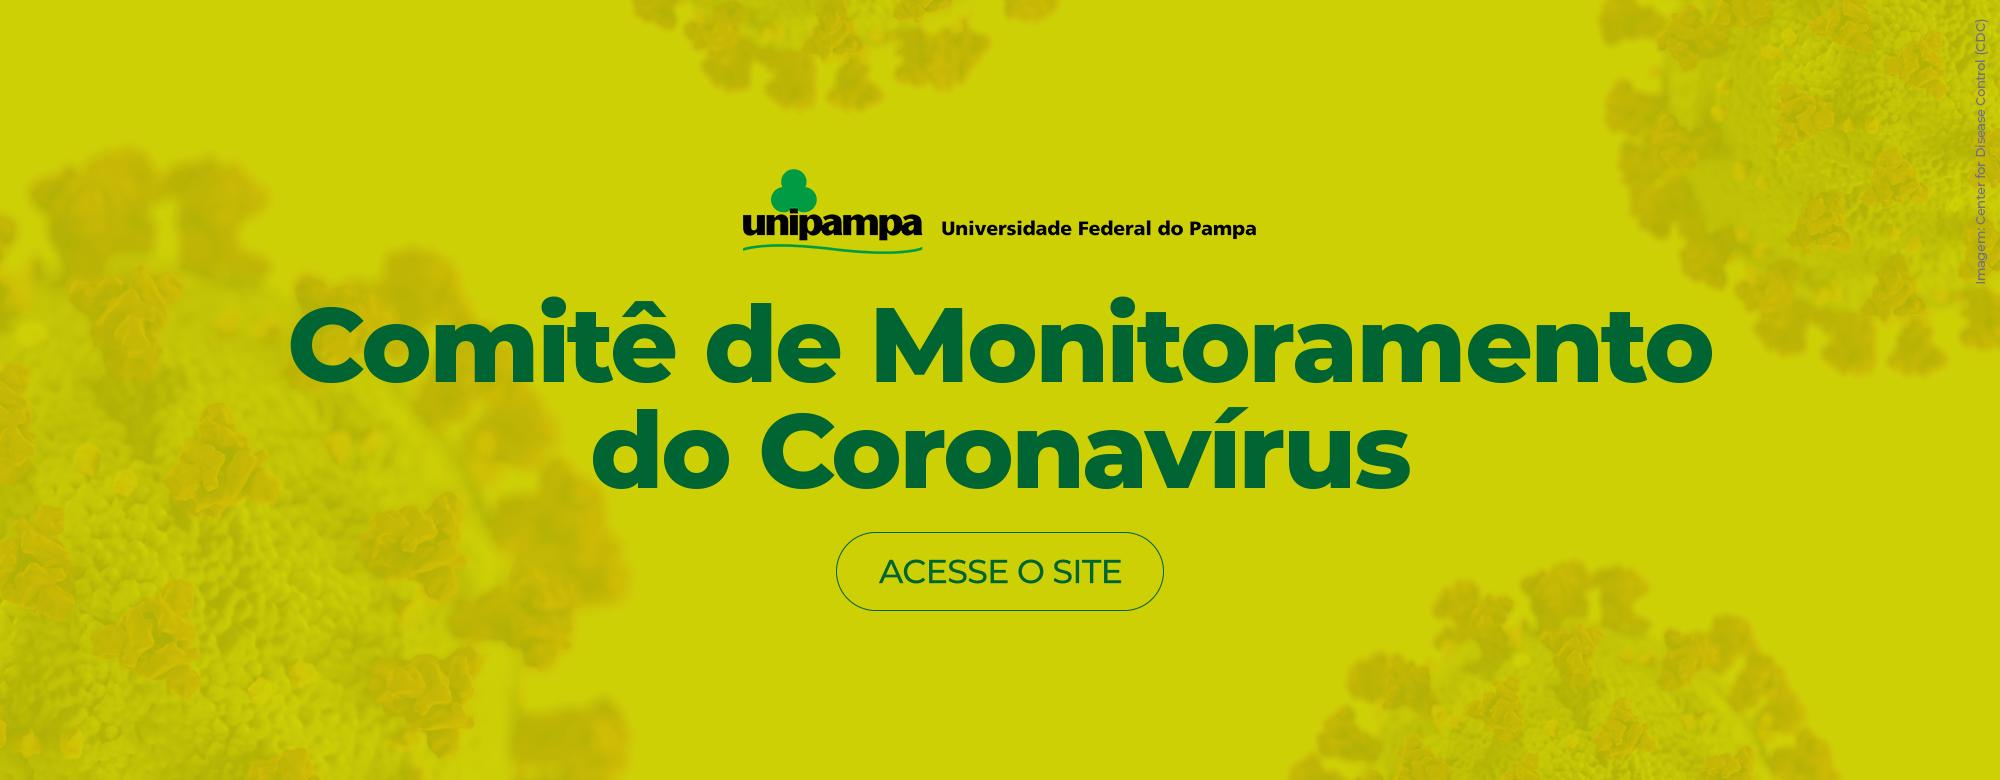 Comitê de Monitoramento do Coronavírus